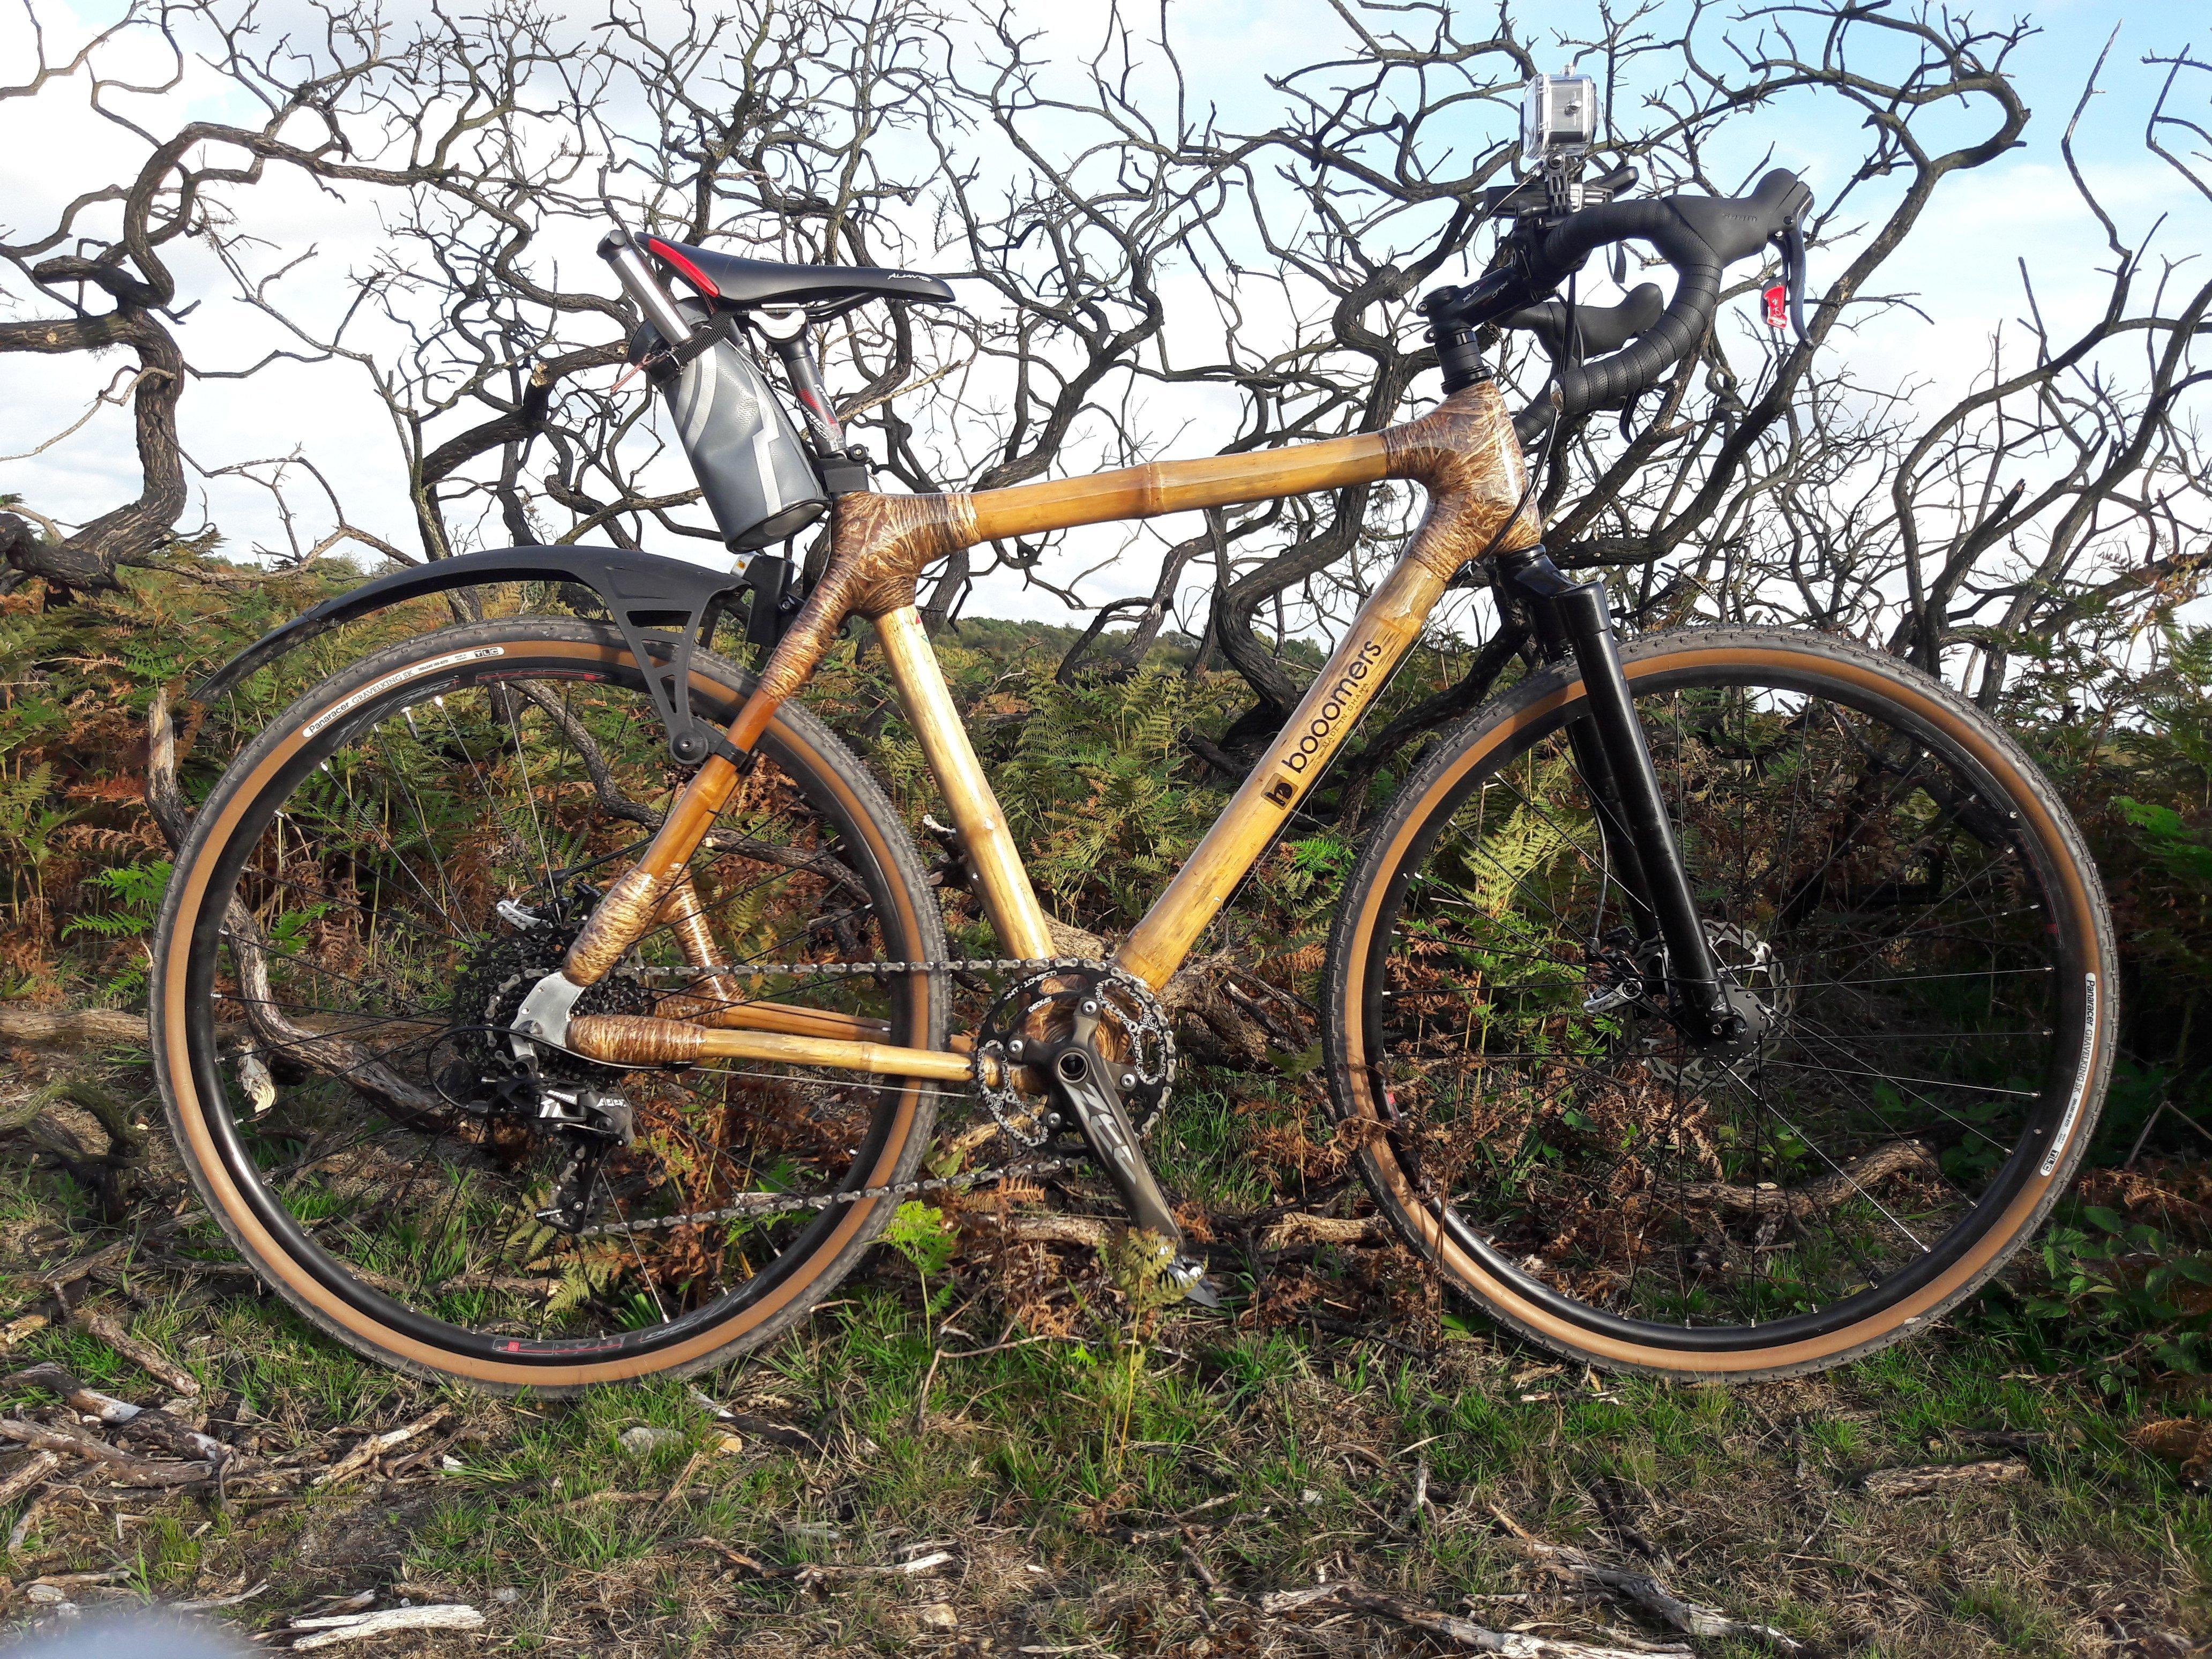 Bamboo framed 1×11 gravel bike